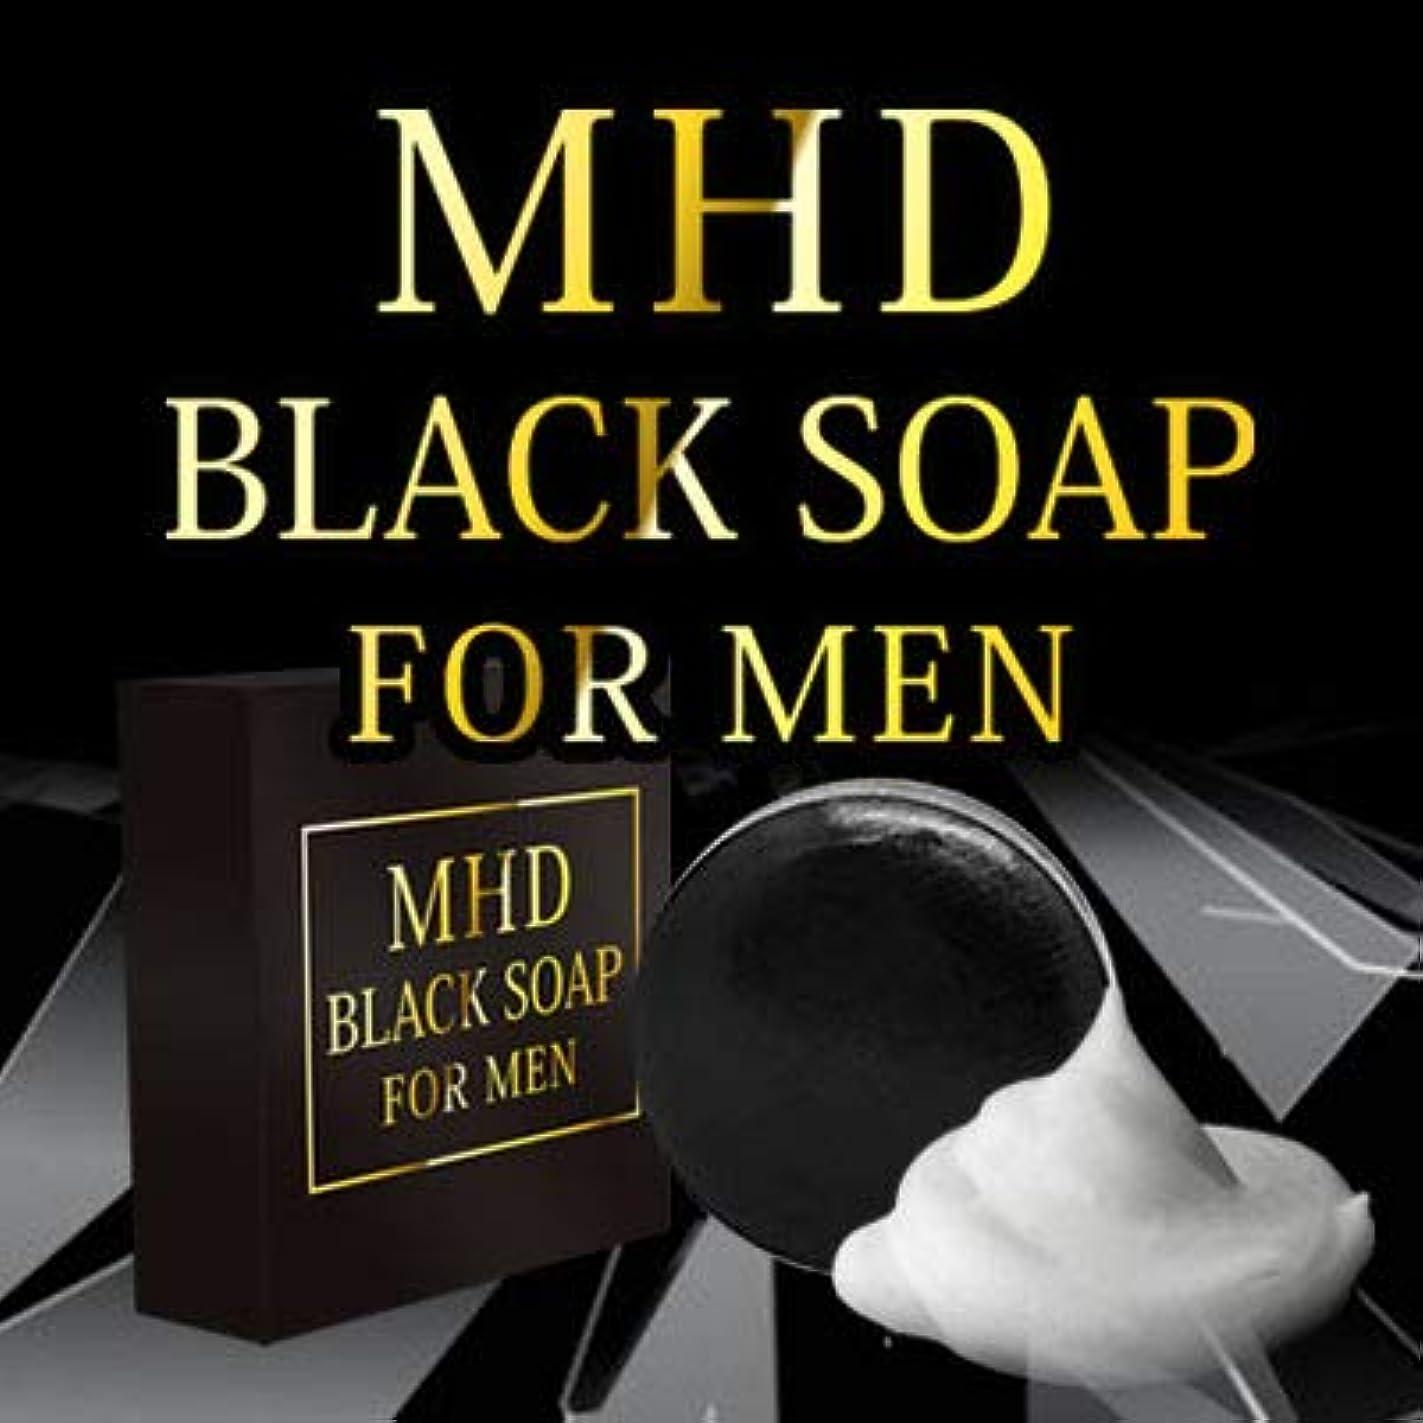 混沌ニュース遷移MHD石鹸(BLACK SOAP FOR MEN) メンズ用全身ソープ